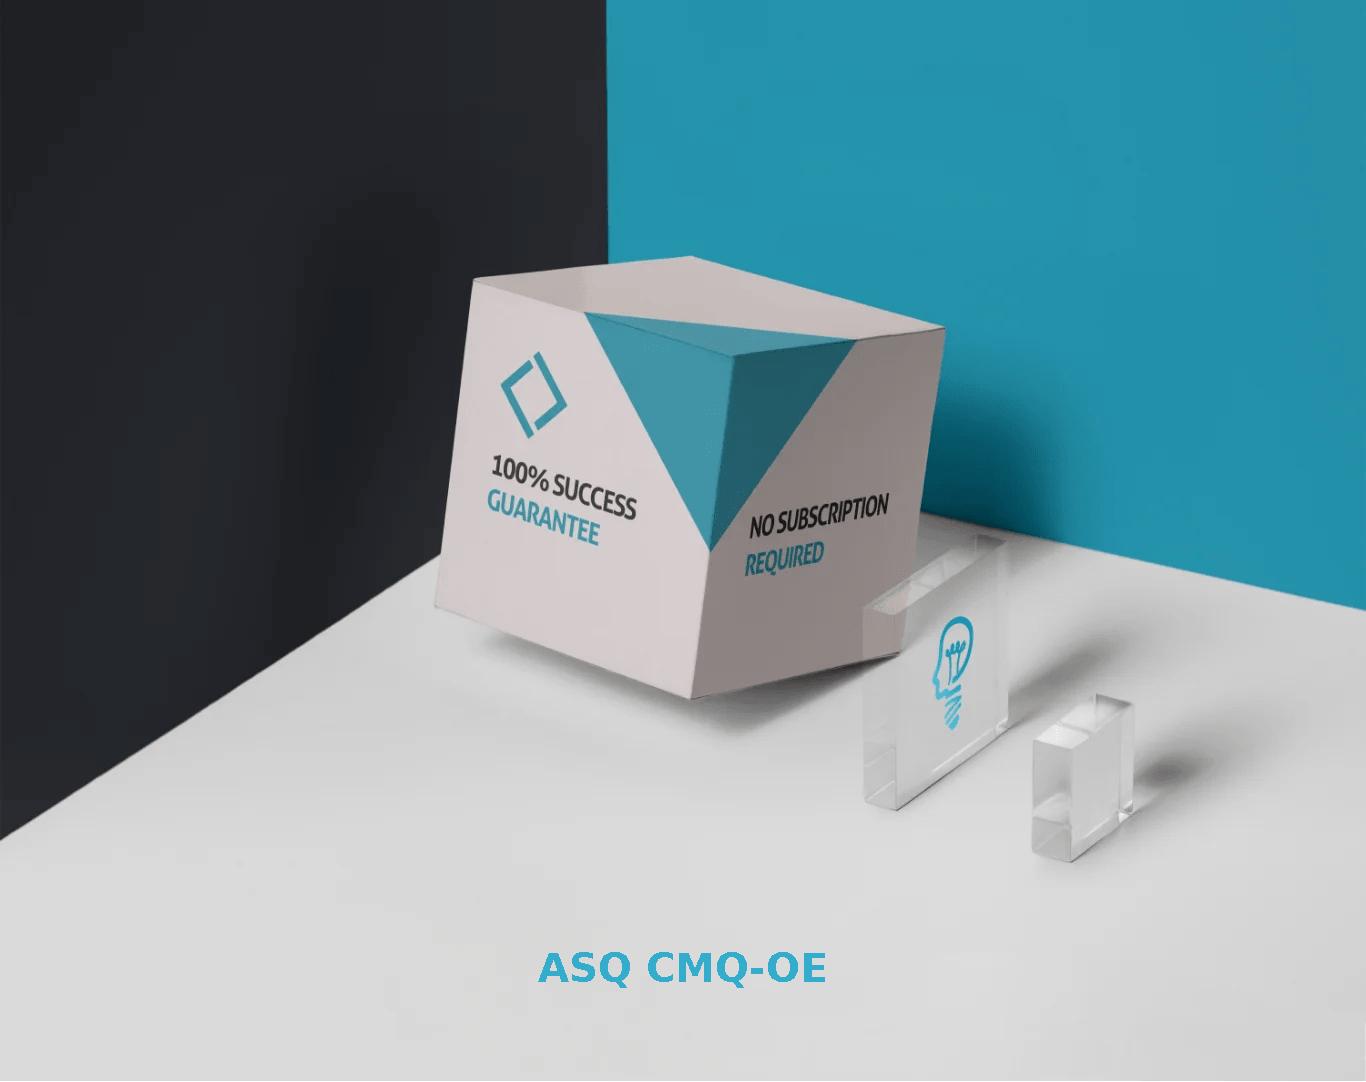 ASQ CMQ-OE Exams